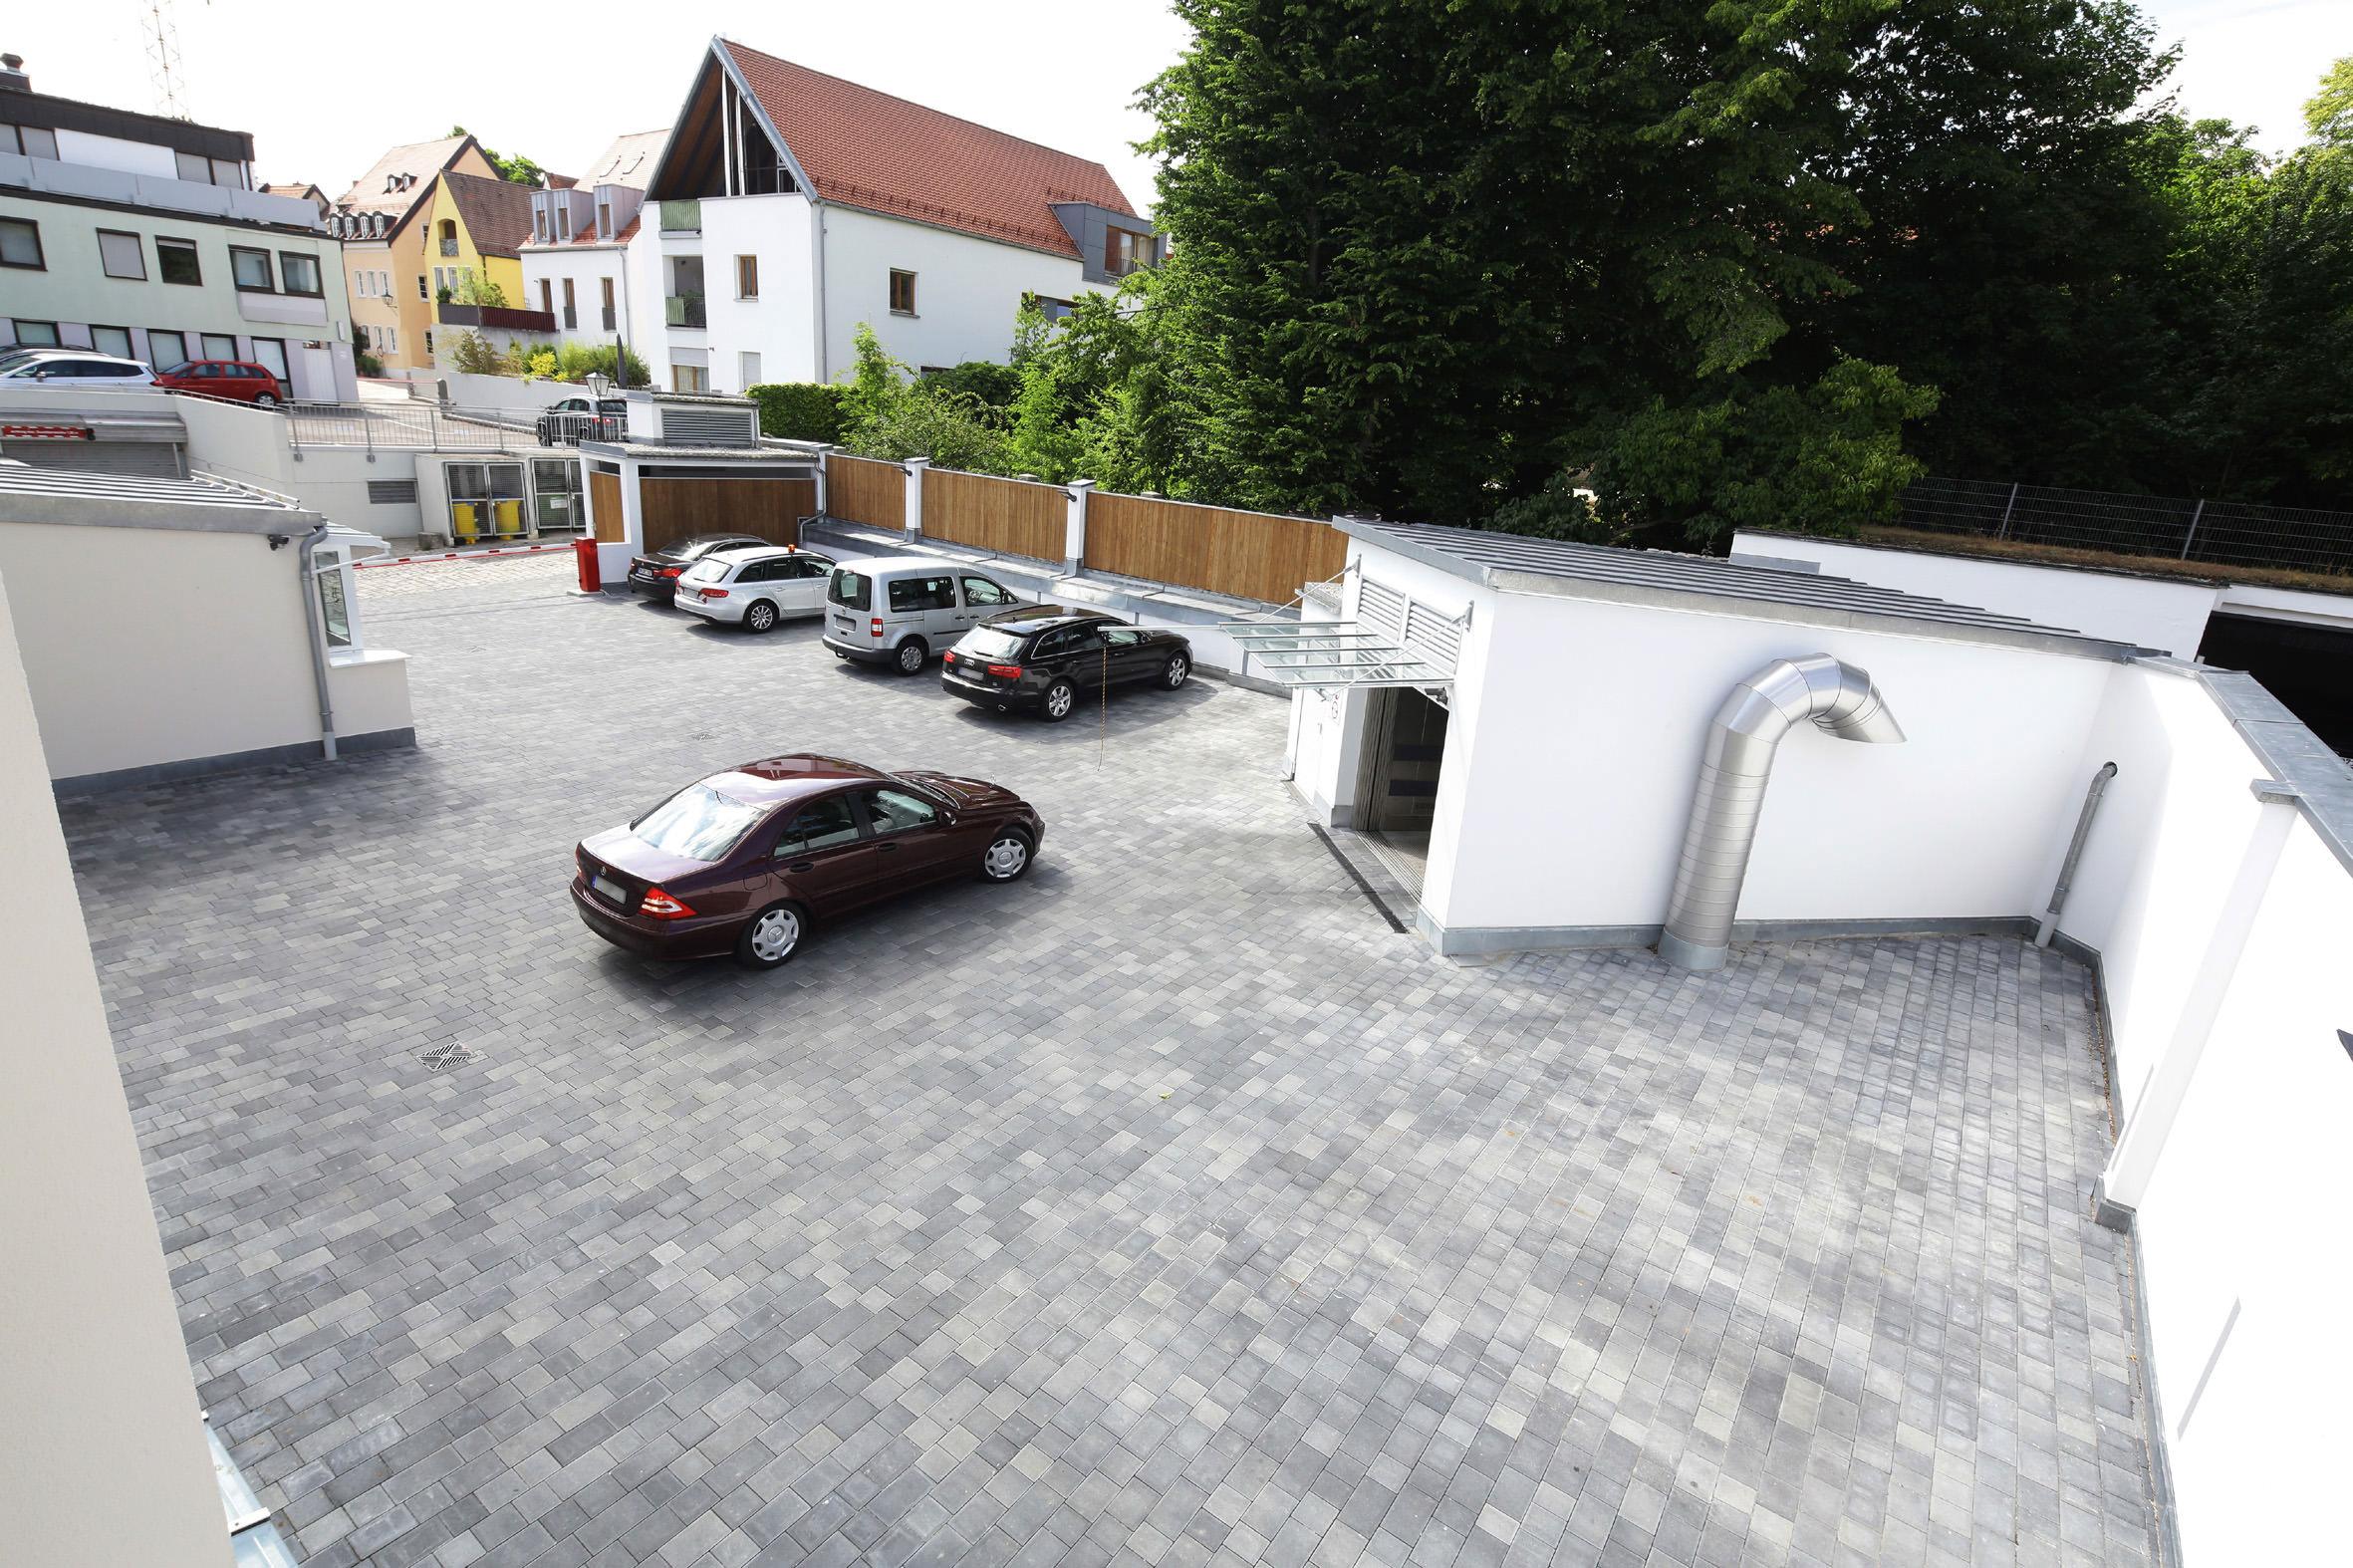 Grüner Hof Freising anfahrt kontakt bayerischer hof freising